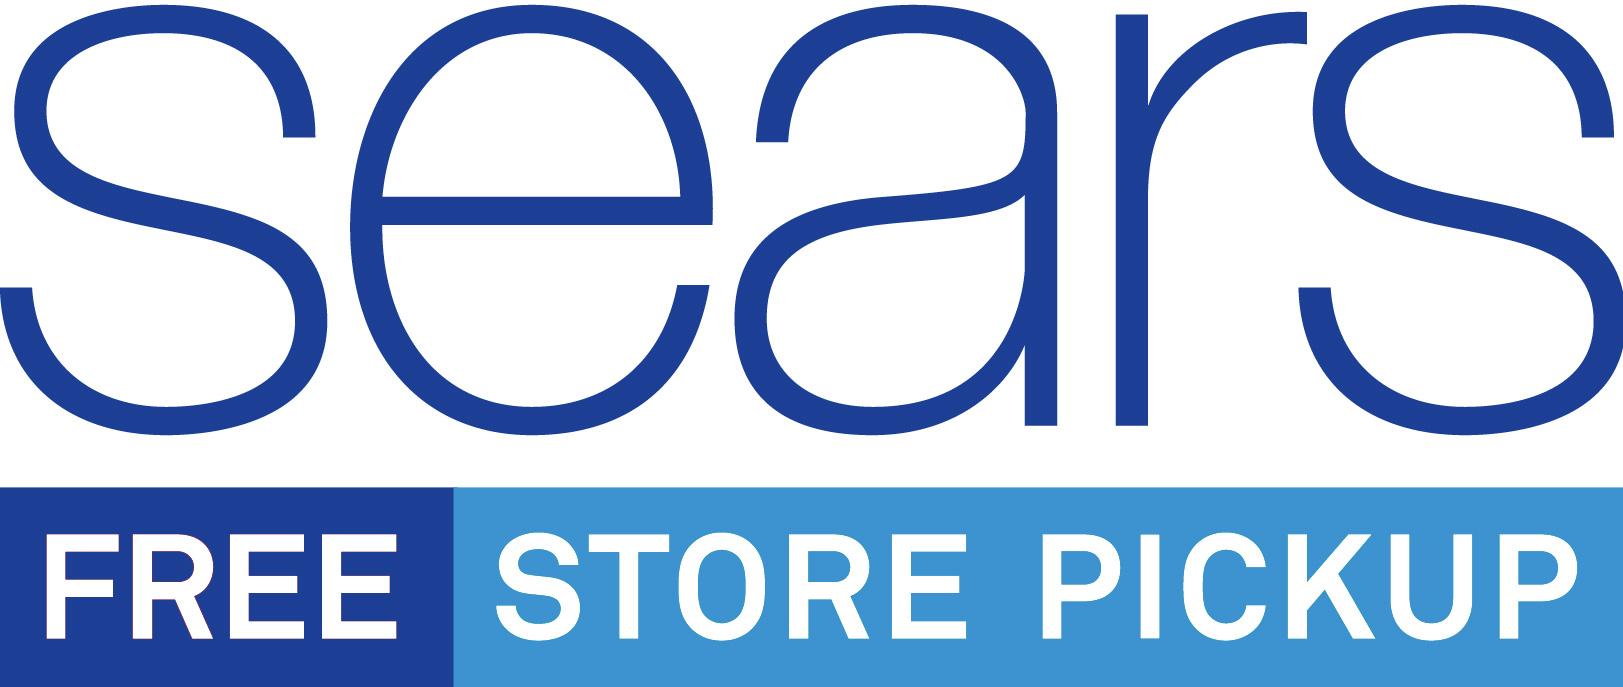 FREESTOREPICKUP-Sears.jpg